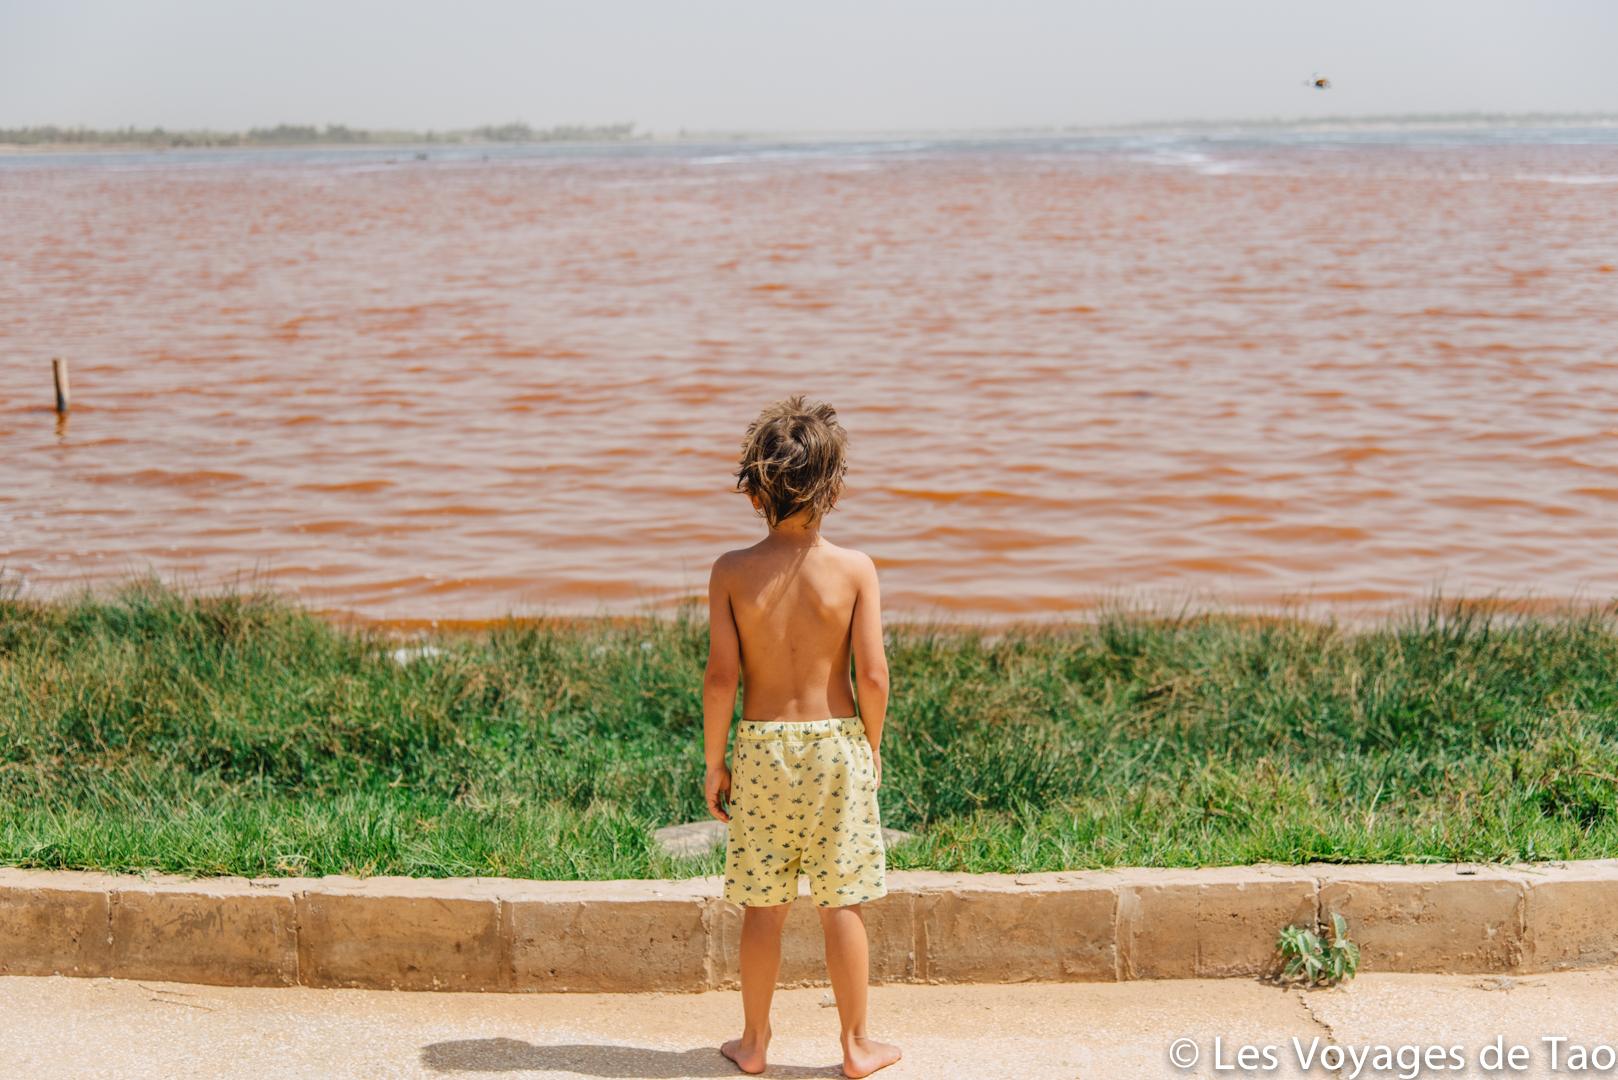 Lac rose en famille, Sénégal - Les Voyages de Tao